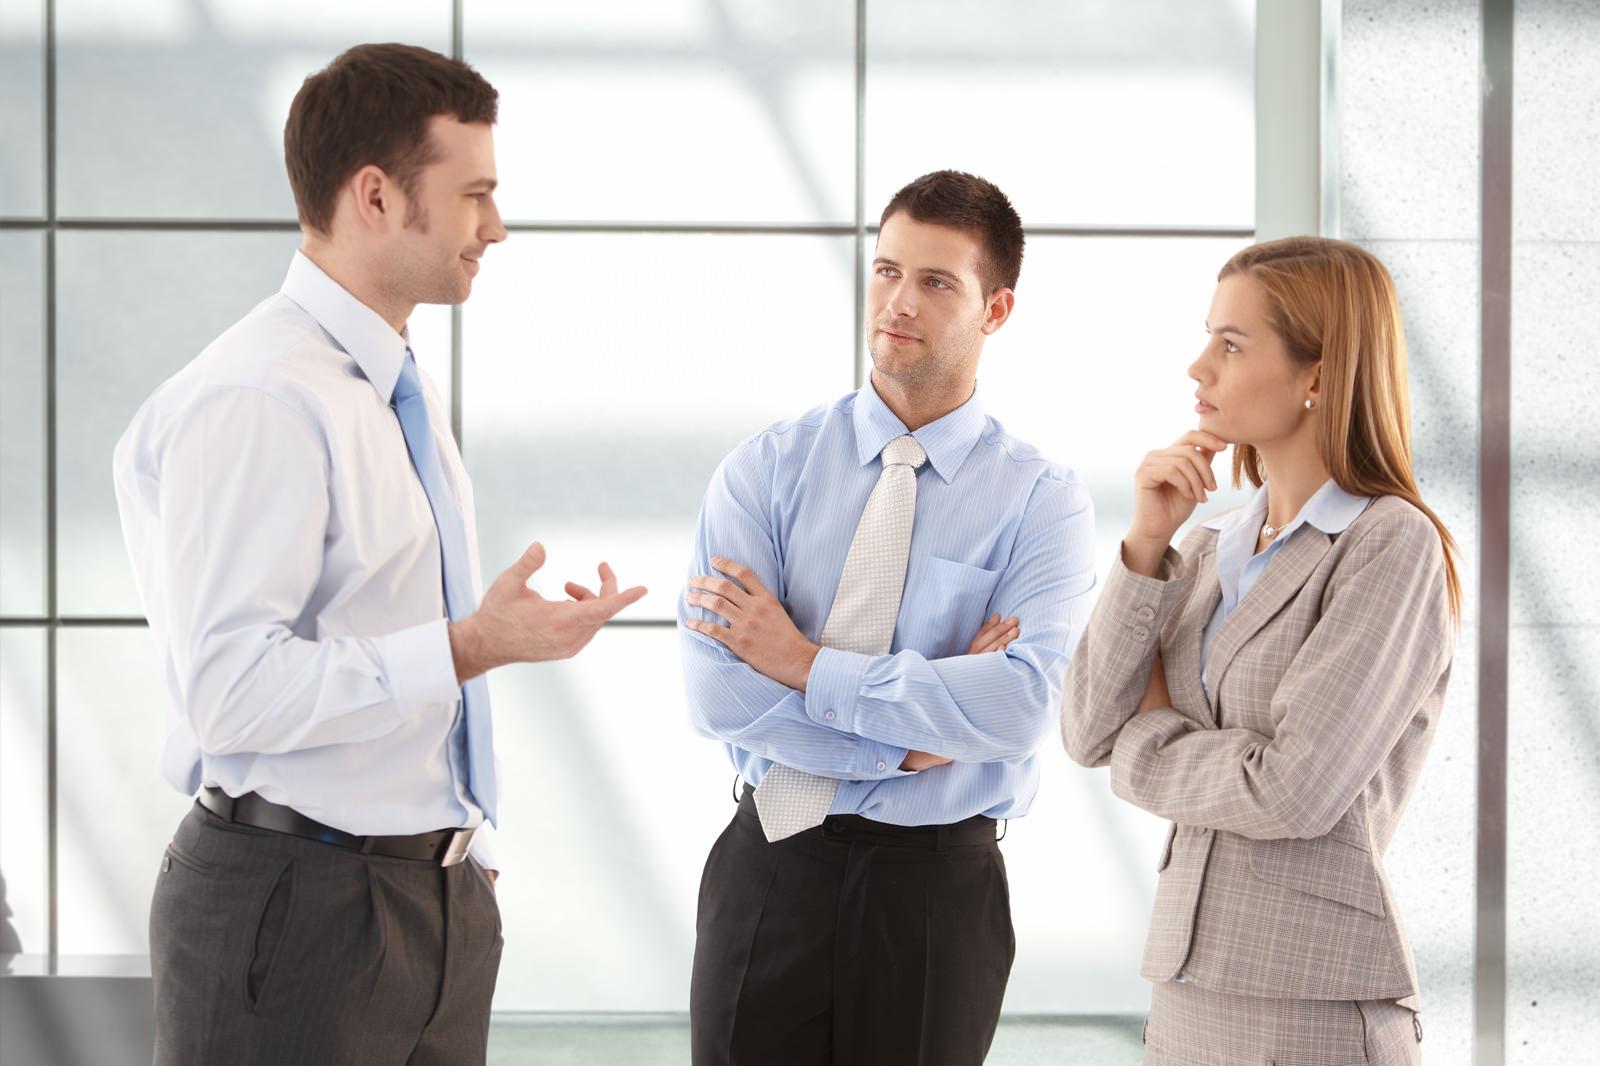 консультации юристов по трудовому законодательству